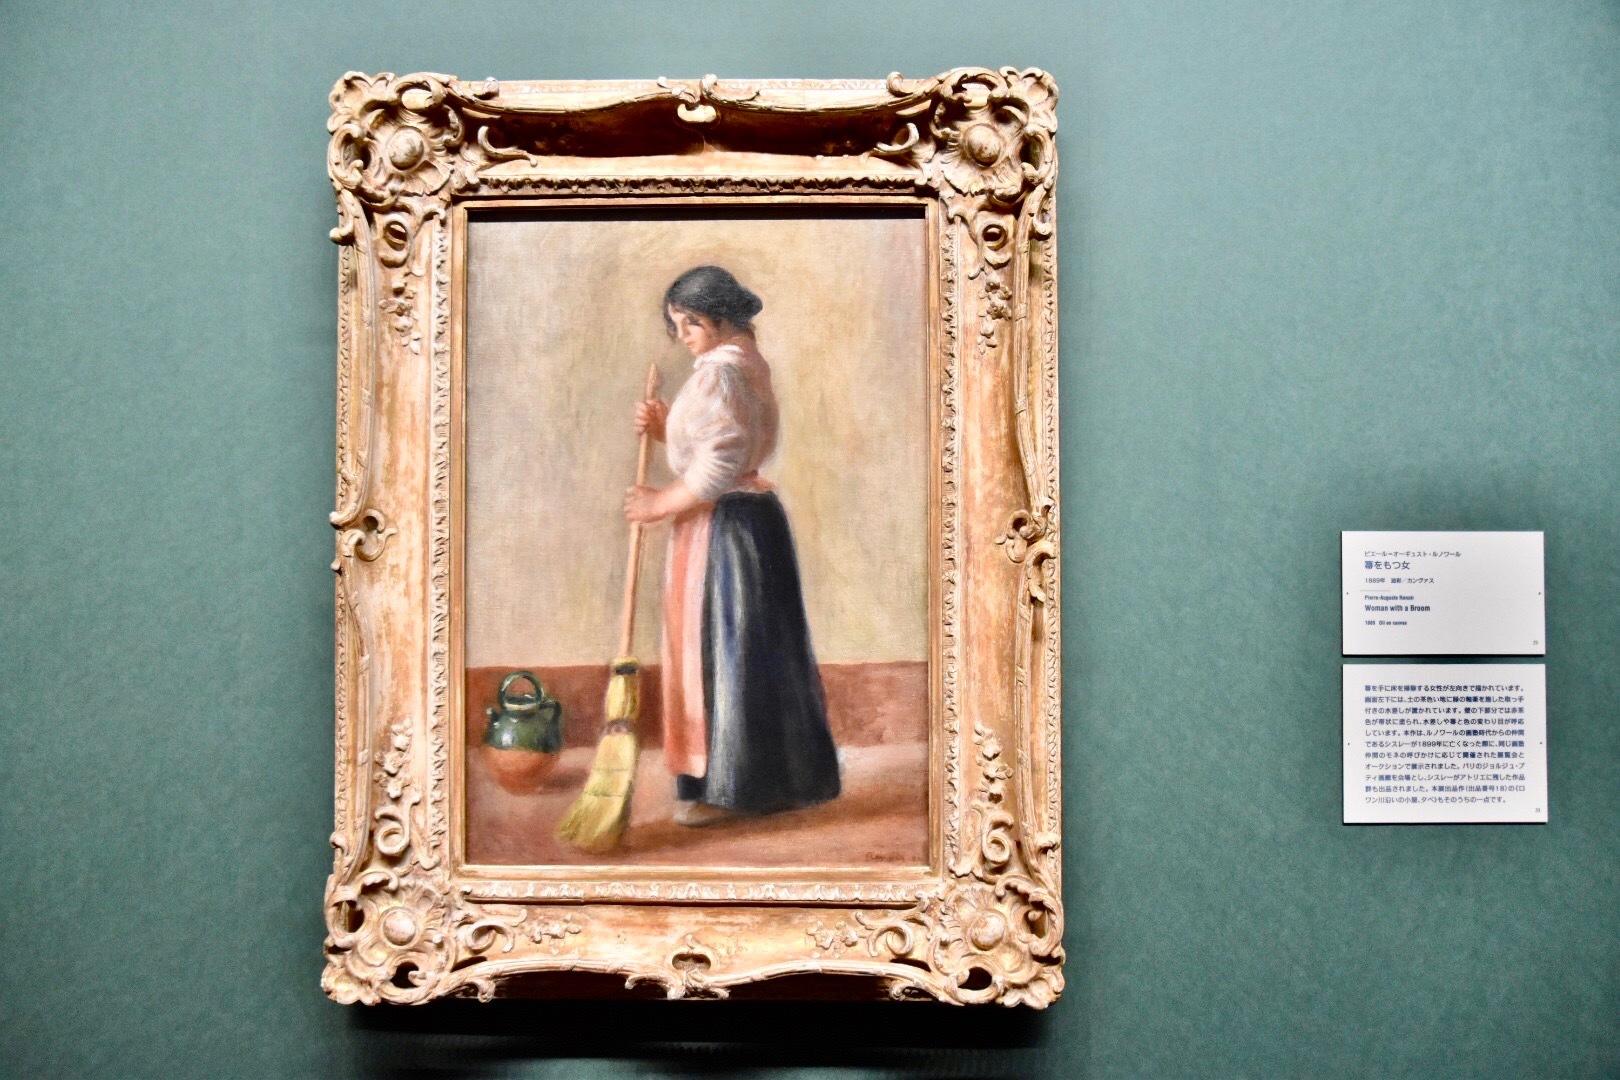 ピエール=オーギュスト・ルノワール 《箒をもつ女》 1889年 吉野石膏コレクション